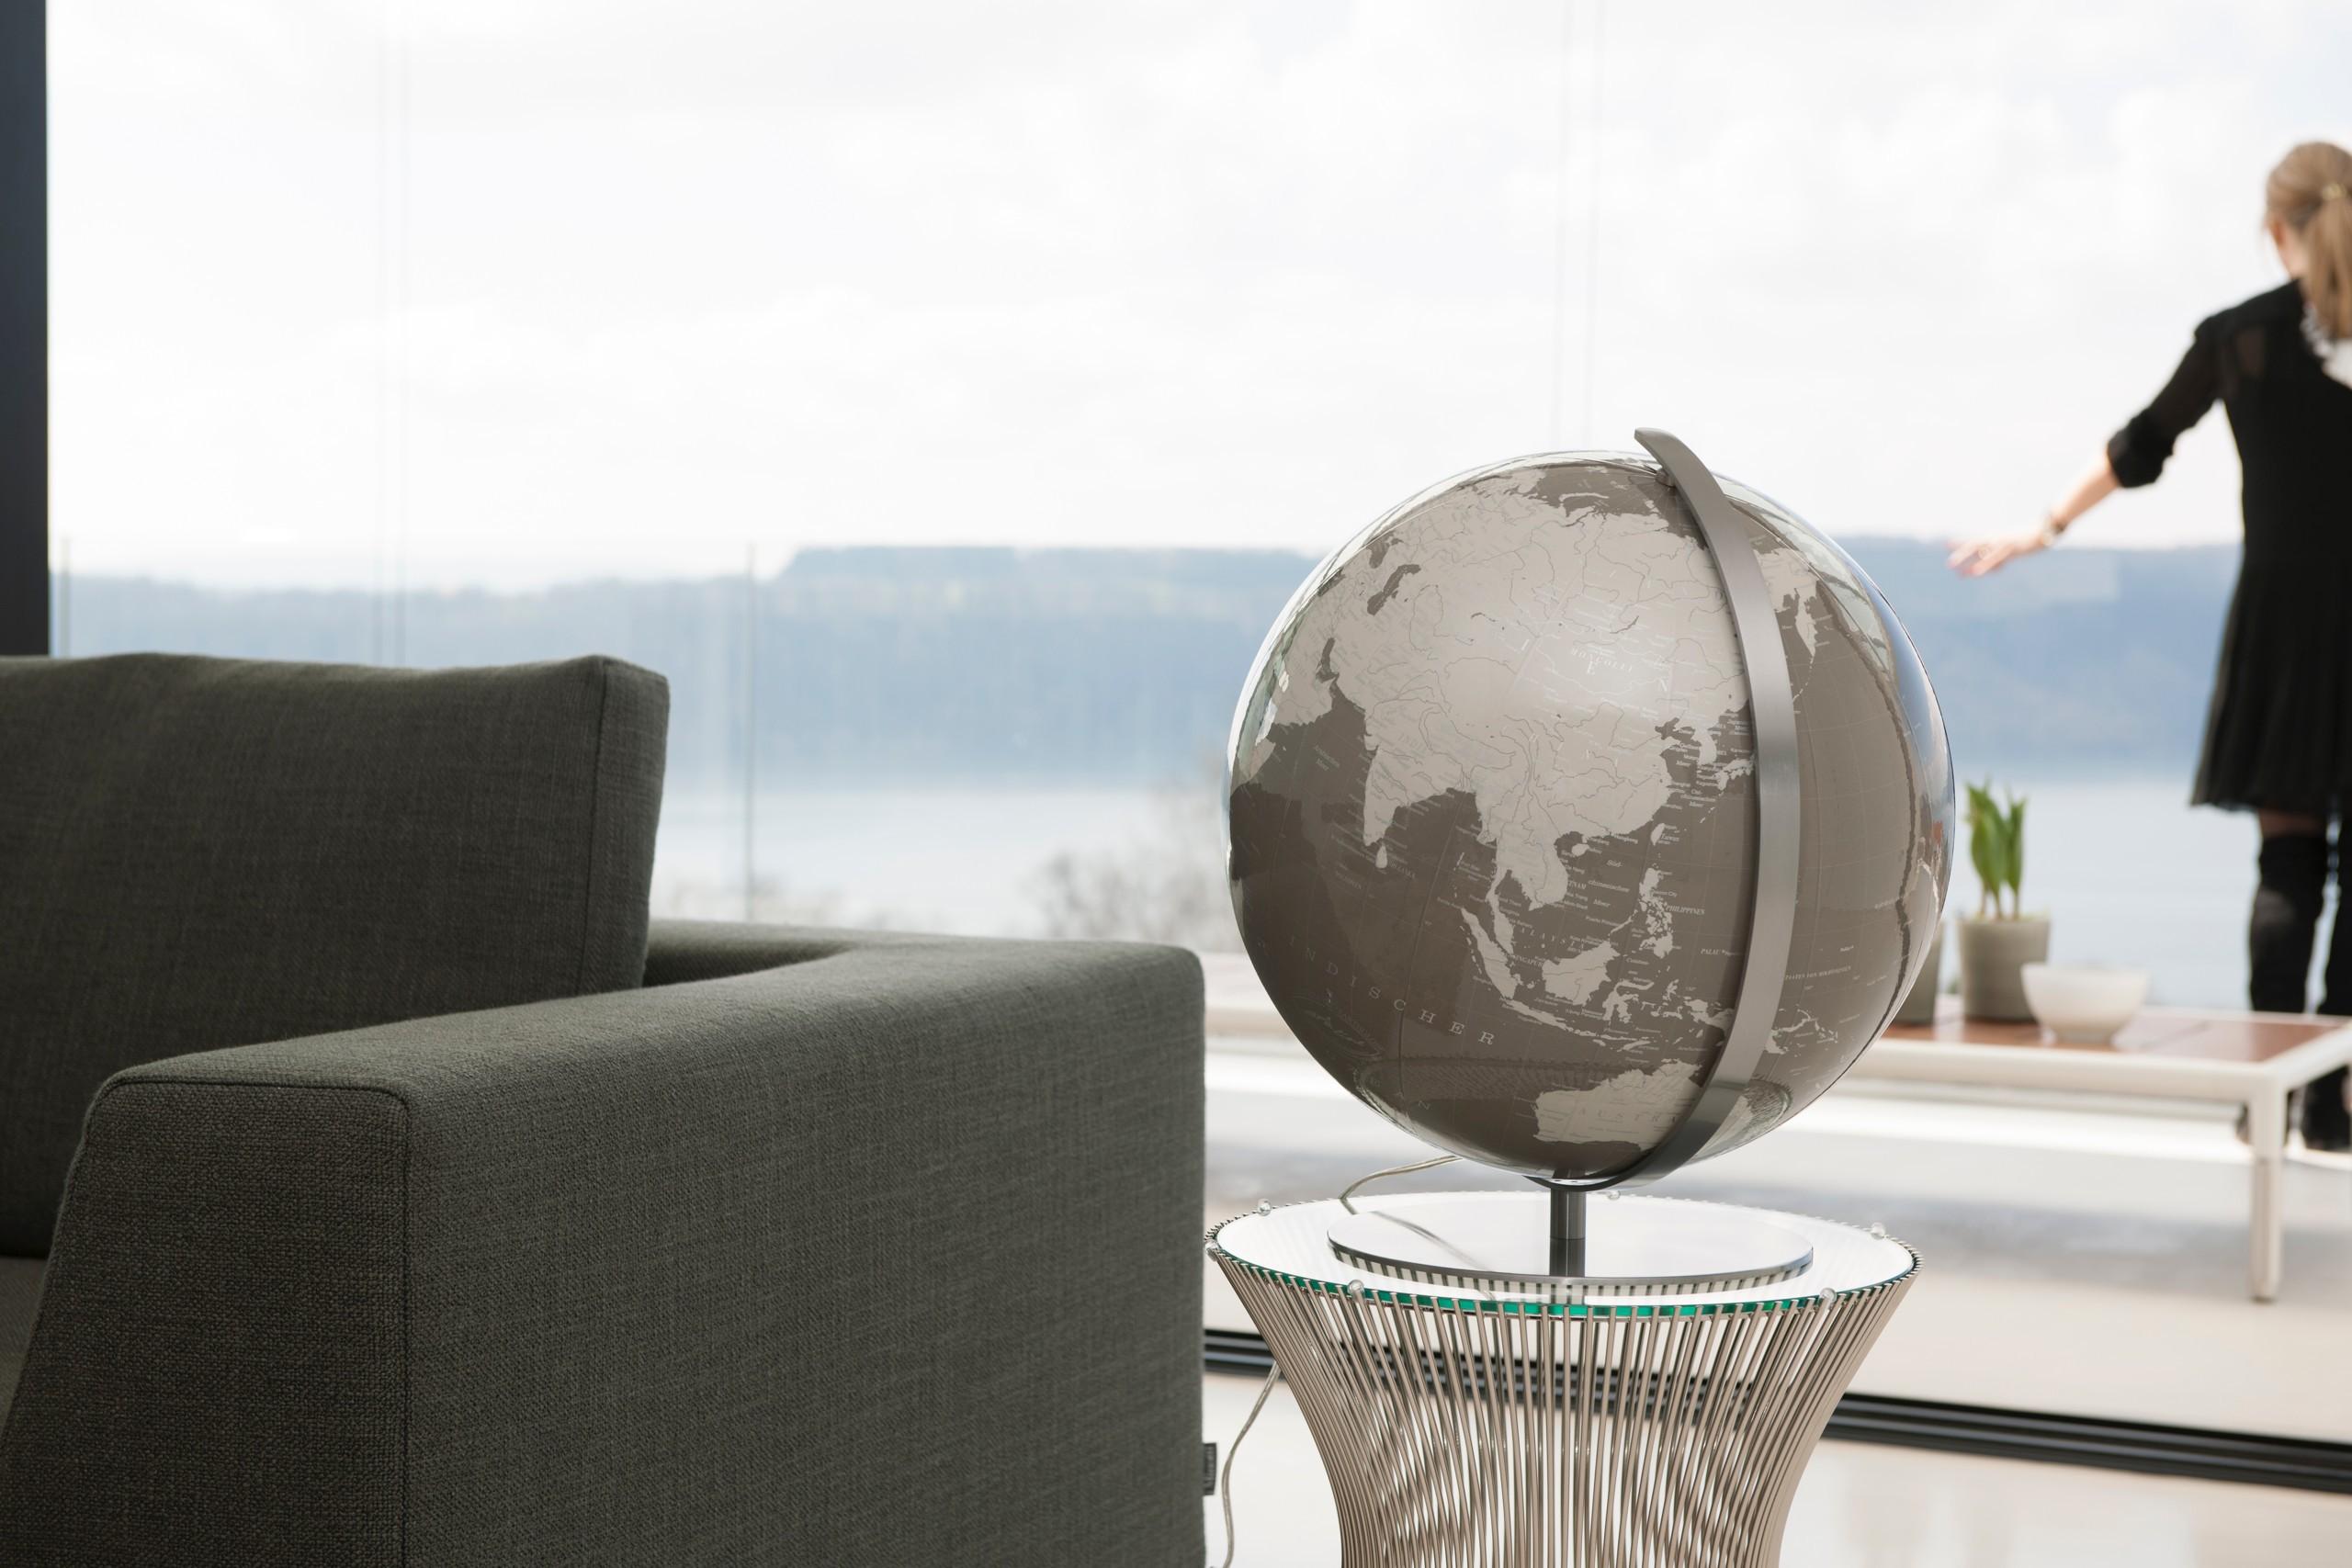 Globus 2 0 das beste von damals modern interpretiert unikatoo - 90er jahre deko ...